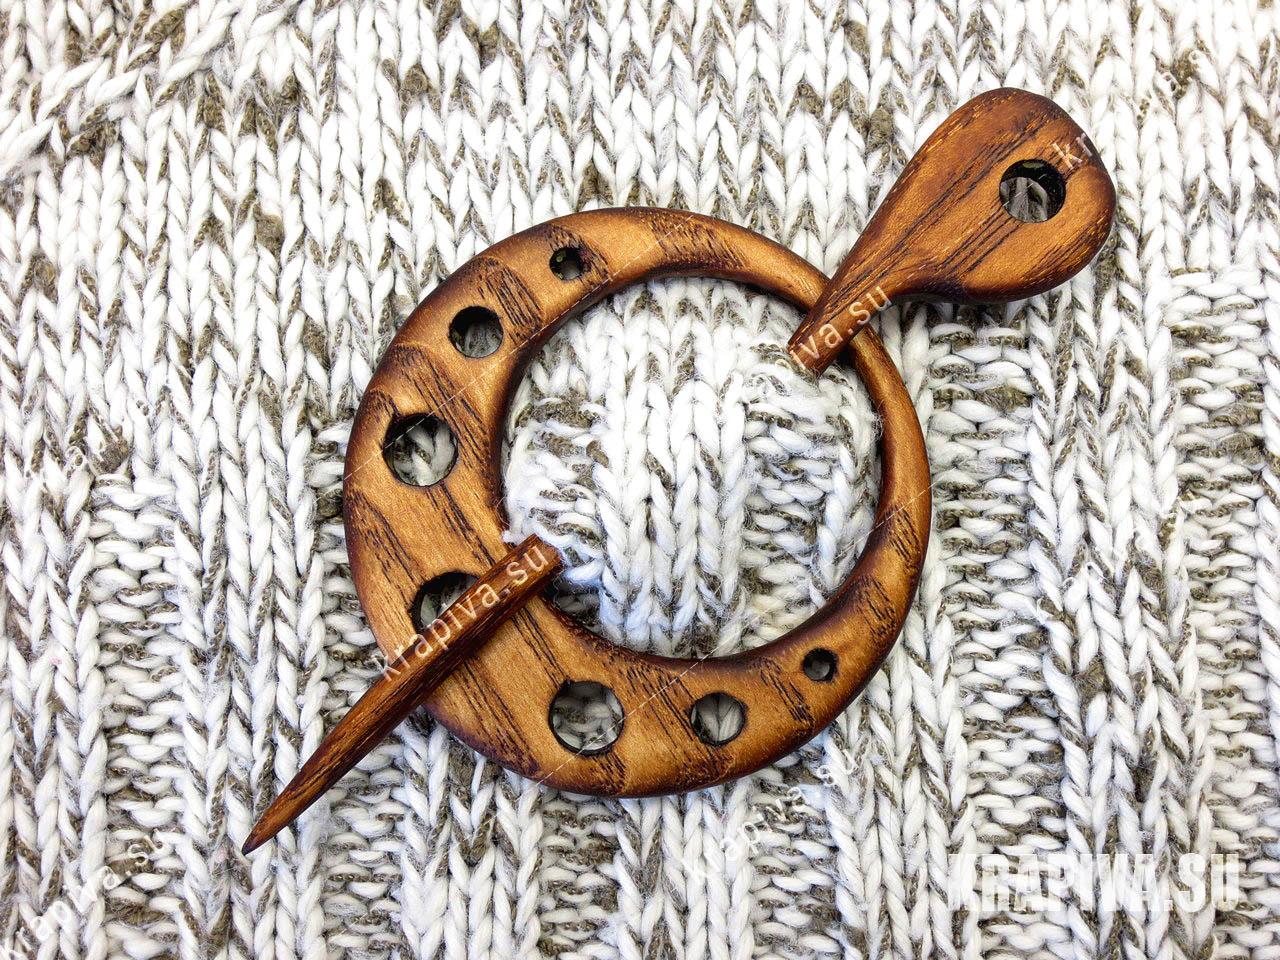 Заколка Кольцо за 450 руб. в магазине Крапива (krapiva.su) (фото)